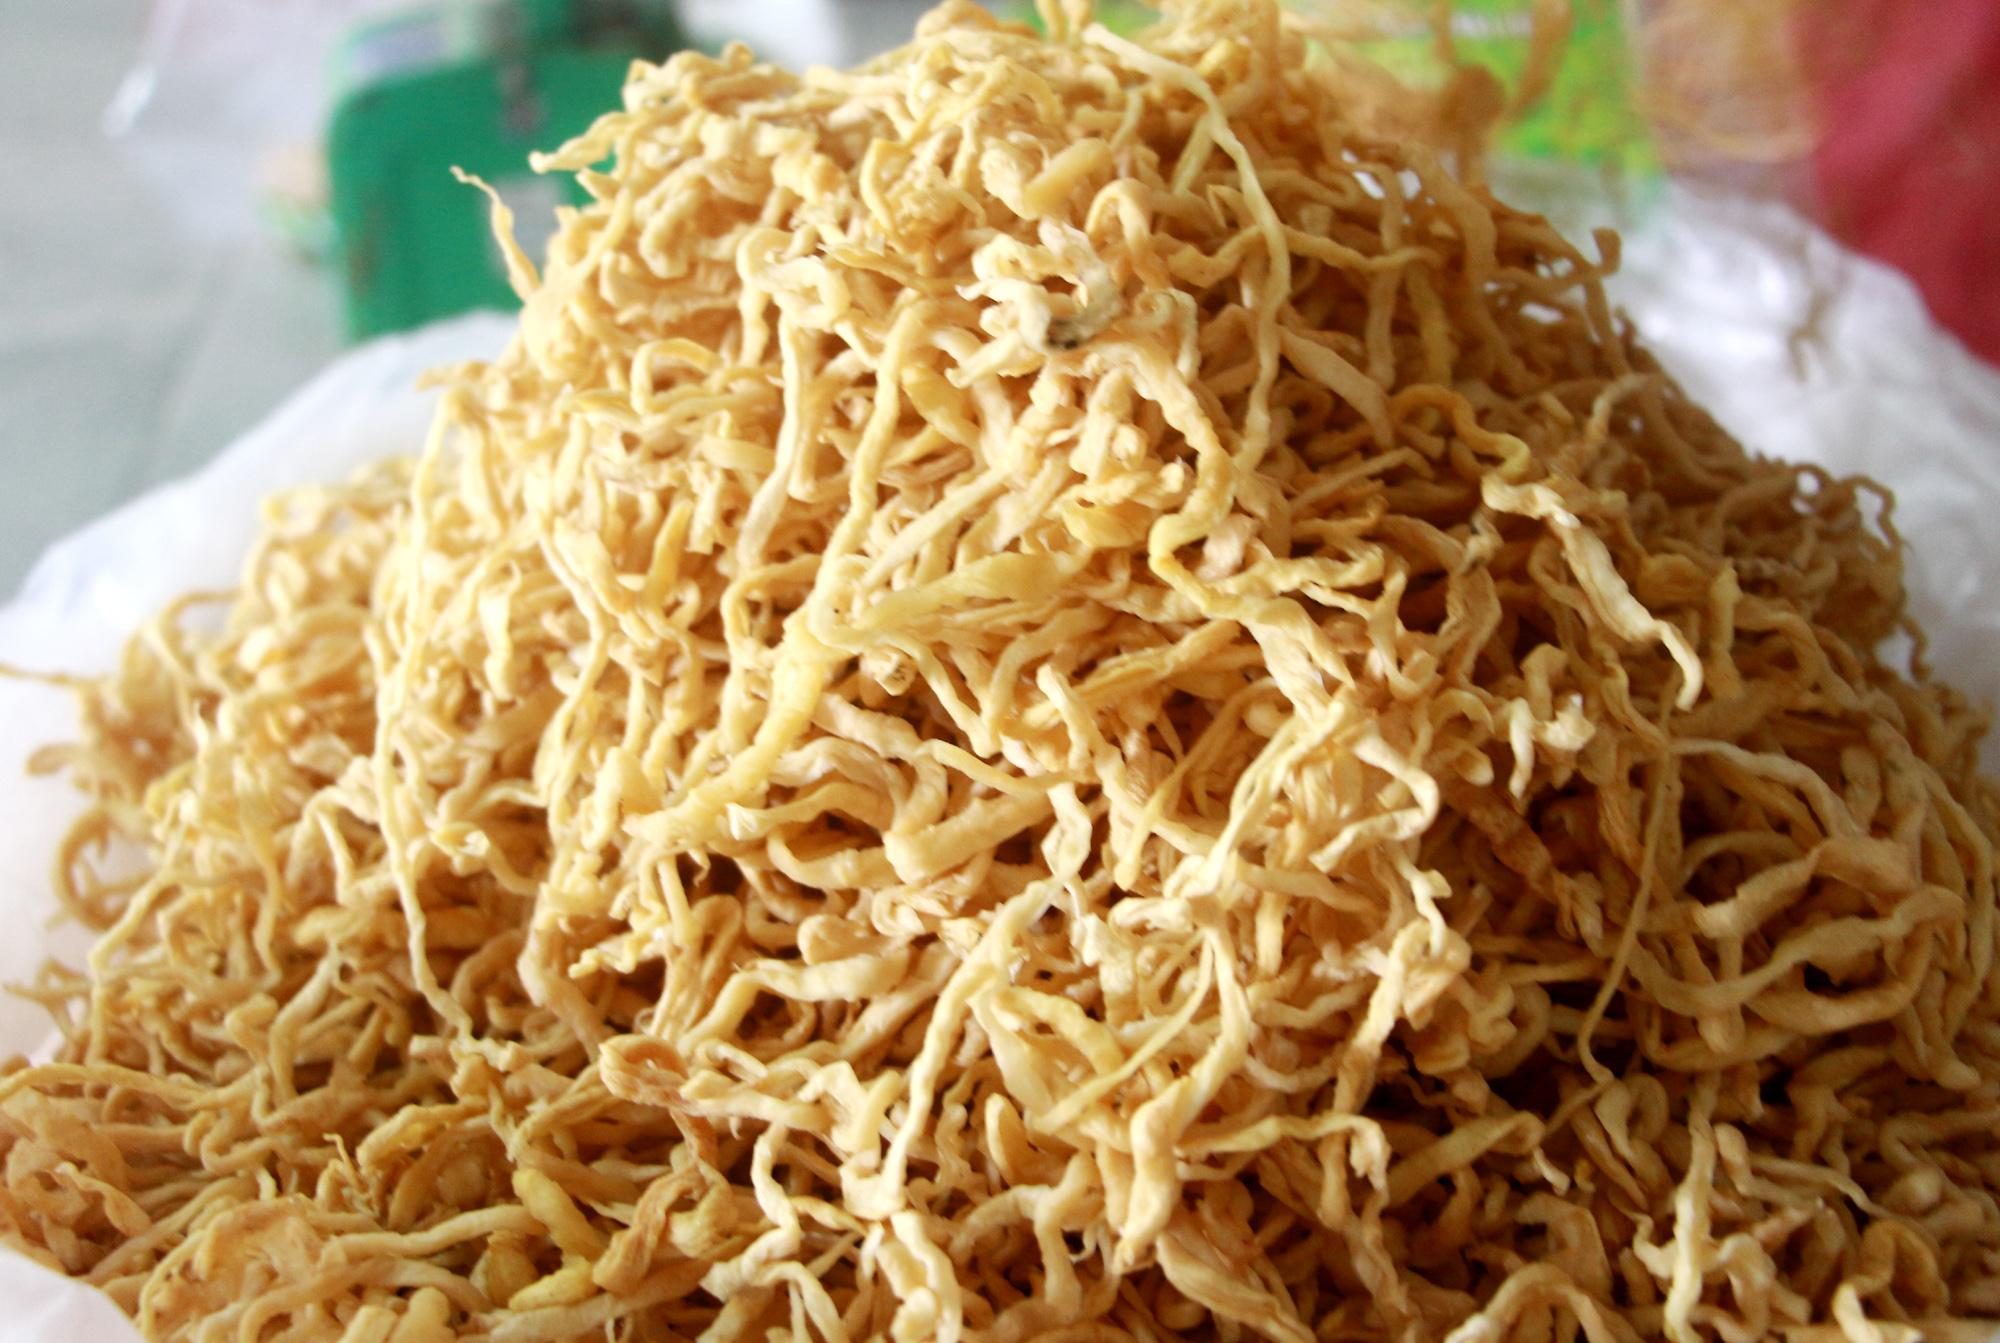 Củ cải tươi sau sơ chế thành sản phẩm khô có độ giòn, dai, thơm và có màu vàng nhạt.